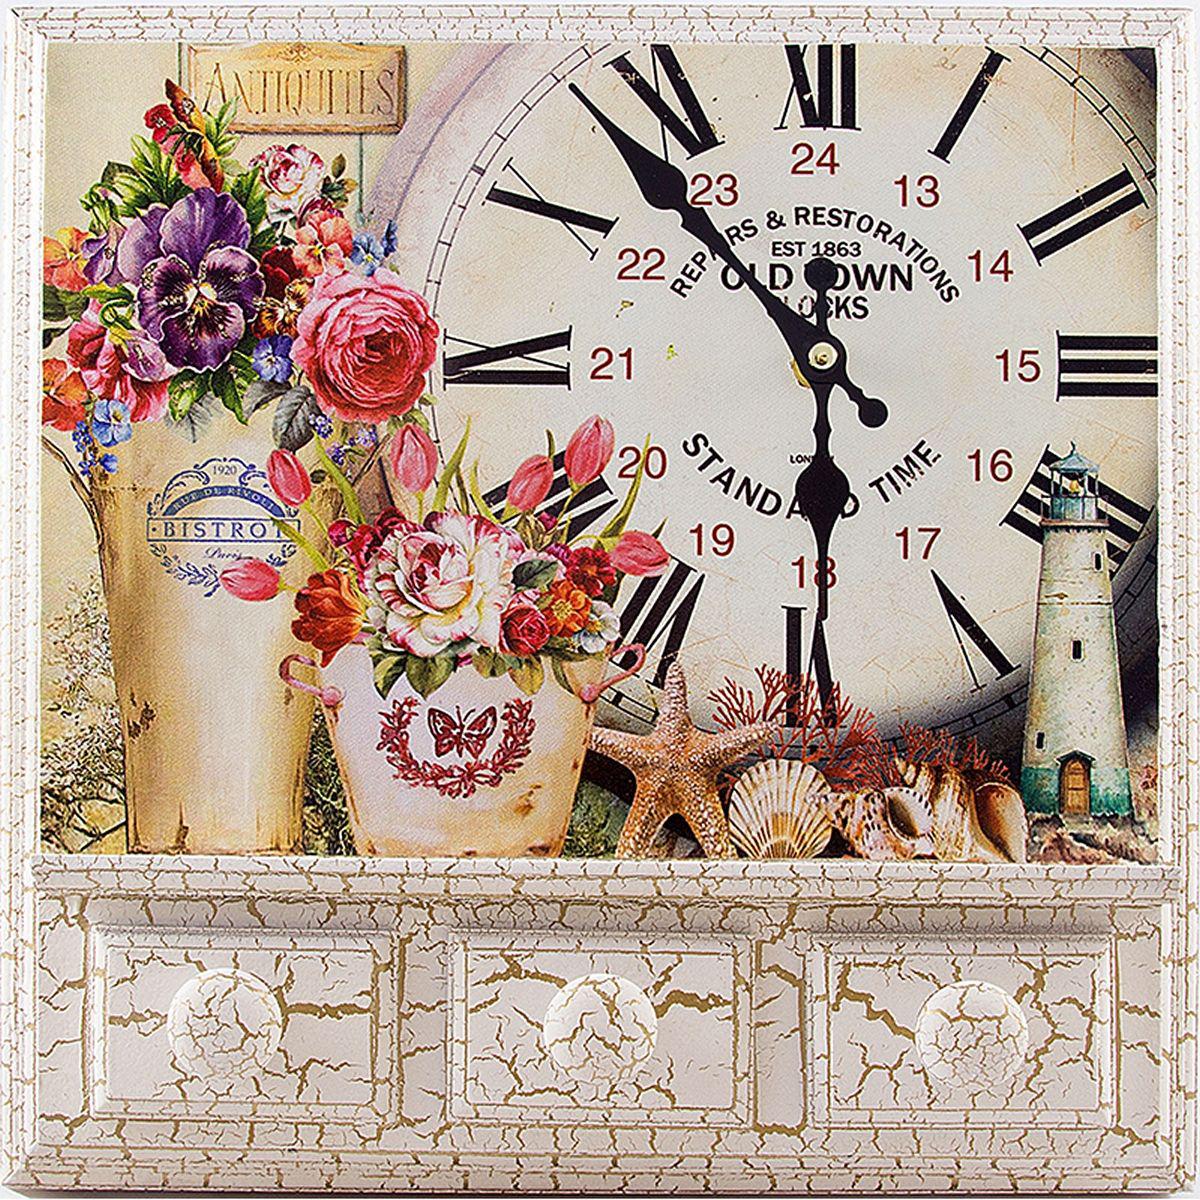 Часы настенные Русские Подарки, 32 х 8 х 32 см. 2961629616Настенные кварцевые часы Русские Подарки изготовлены из МДФ. Корпус оформлен изображением цветов, ракушек и маяка. Часы имеют две стрелки - часовую и минутную. С обратной стороны имеется петелька для подвешивания на стену. Изящные часы красиво и оригинально оформят интерьер дома или офиса. Также часы могут стать уникальным, полезным подарком для родственников, коллег, знакомых и близких. Часы работают от батареек типа АА (в комплект не входят).